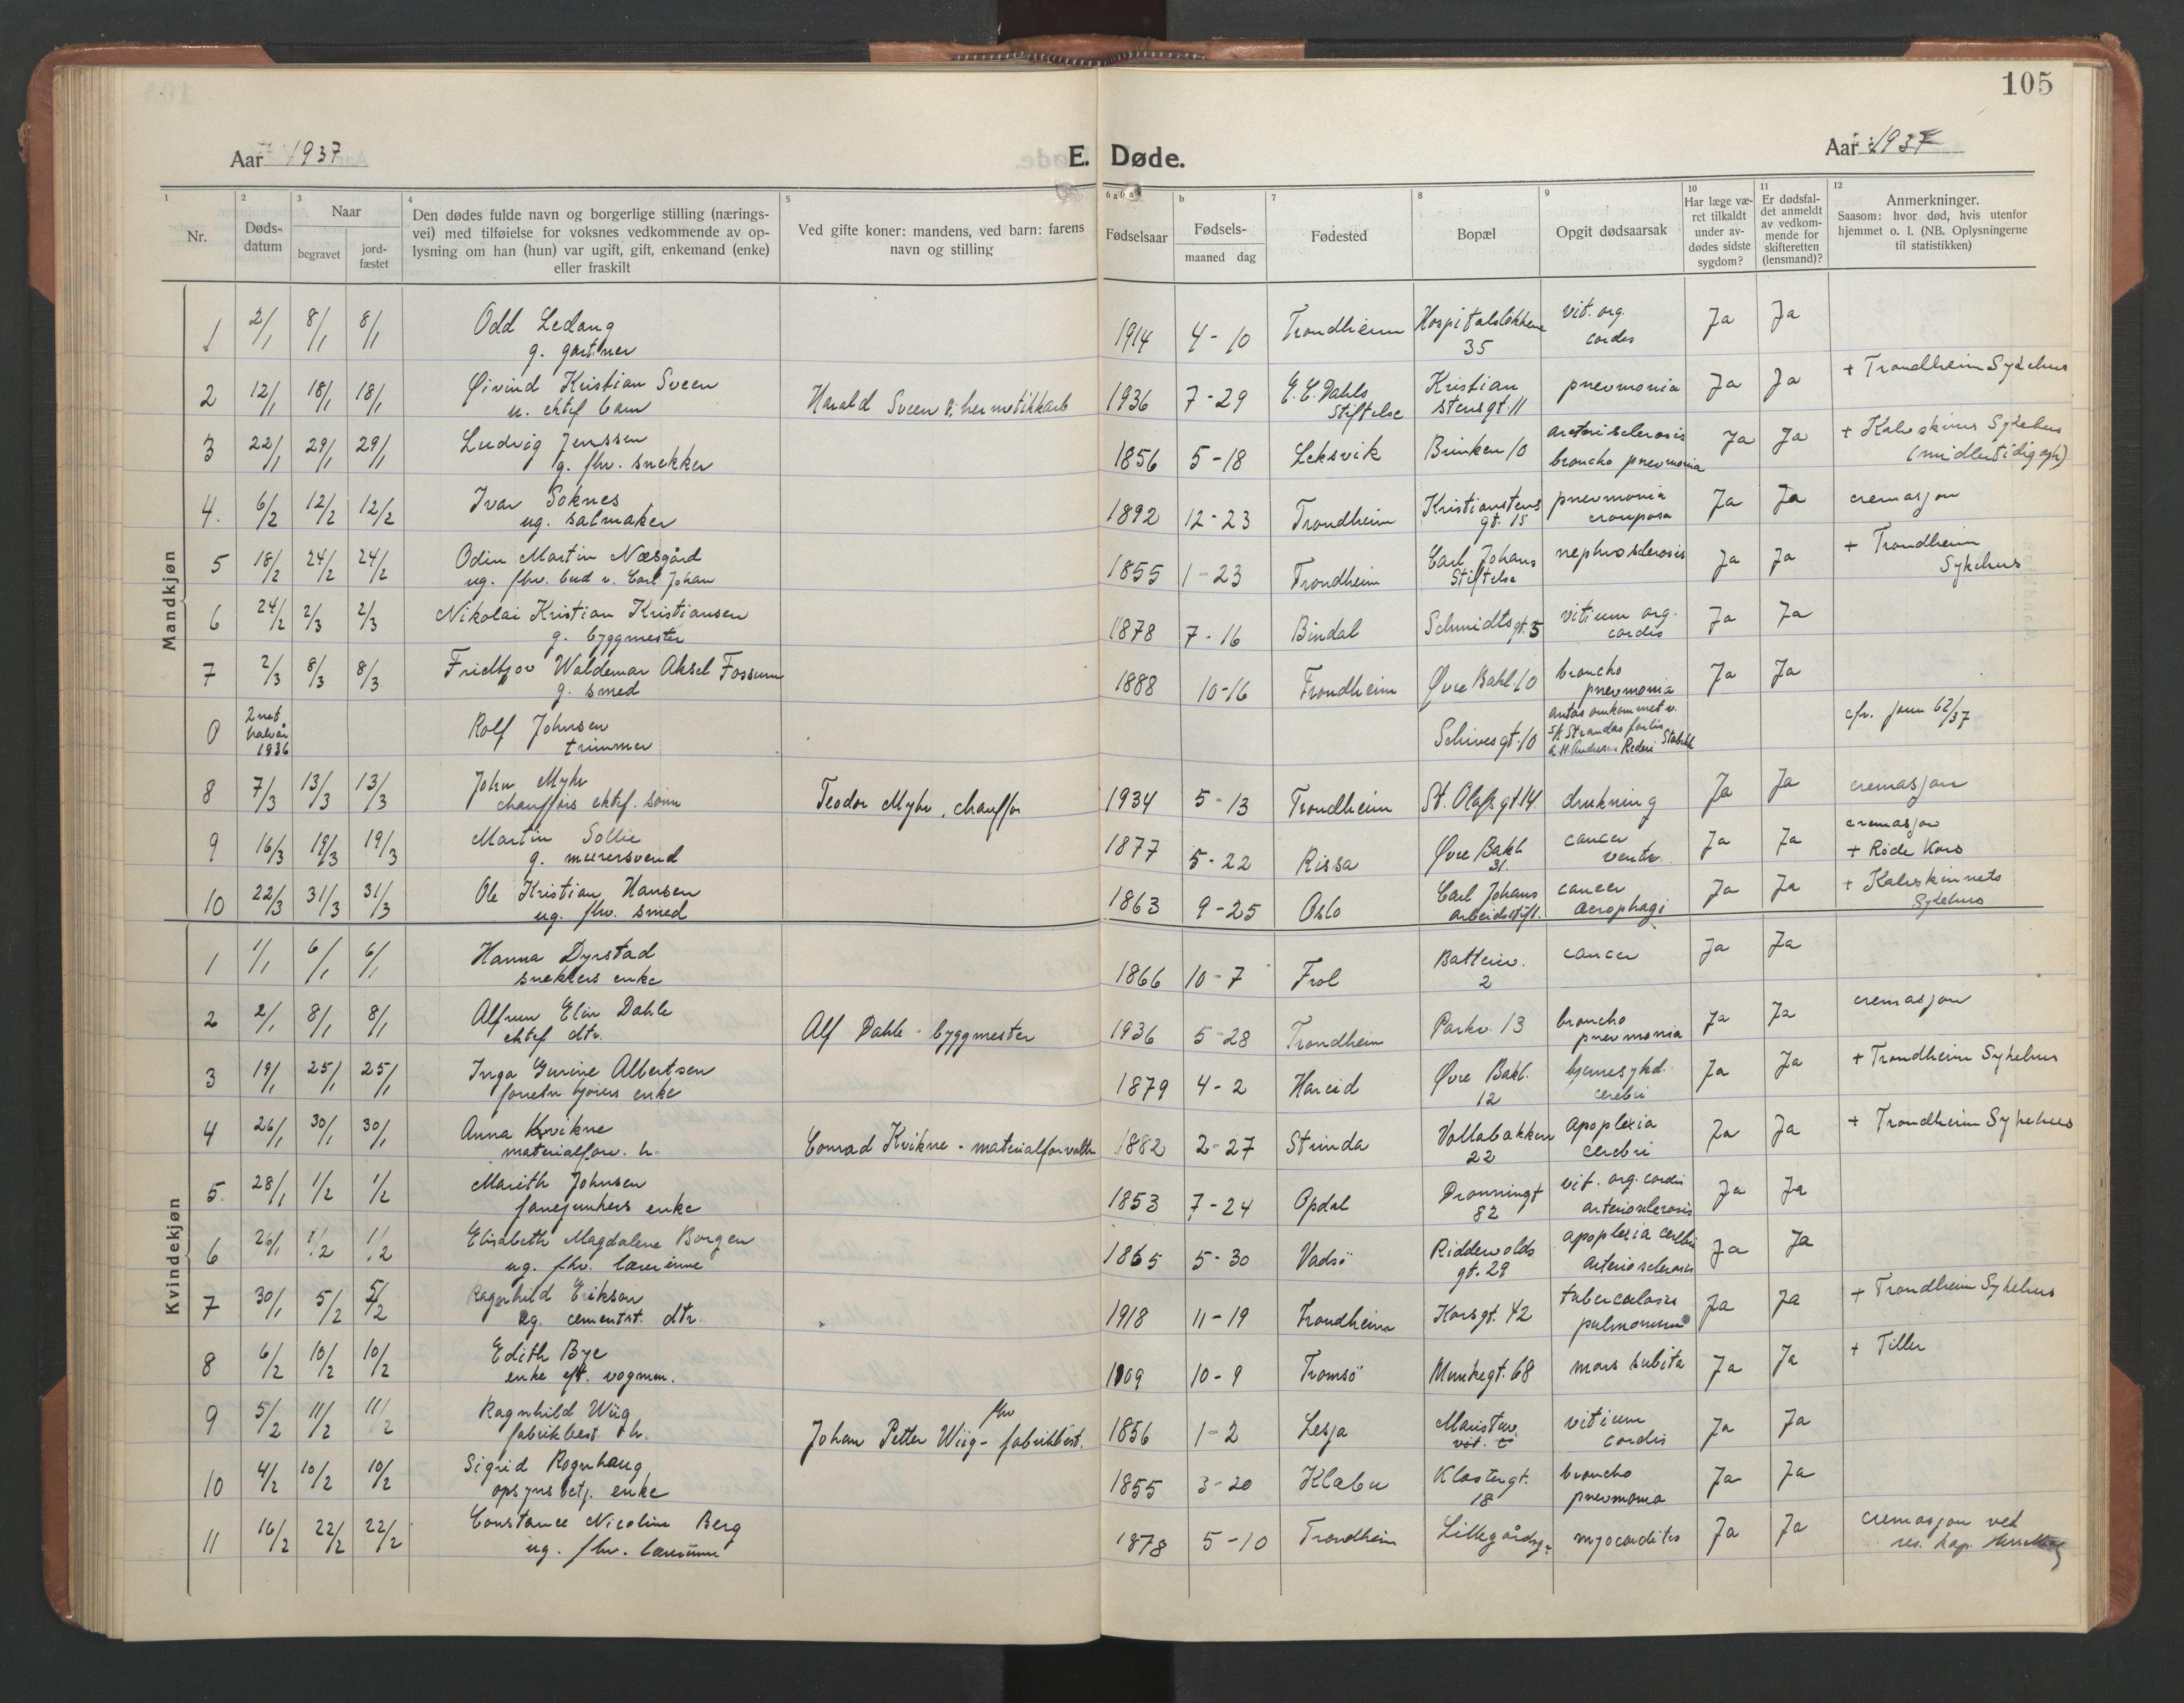 SAT, Ministerialprotokoller, klokkerbøker og fødselsregistre - Sør-Trøndelag, 602/L0150: Klokkerbok nr. 602C18, 1922-1949, s. 105